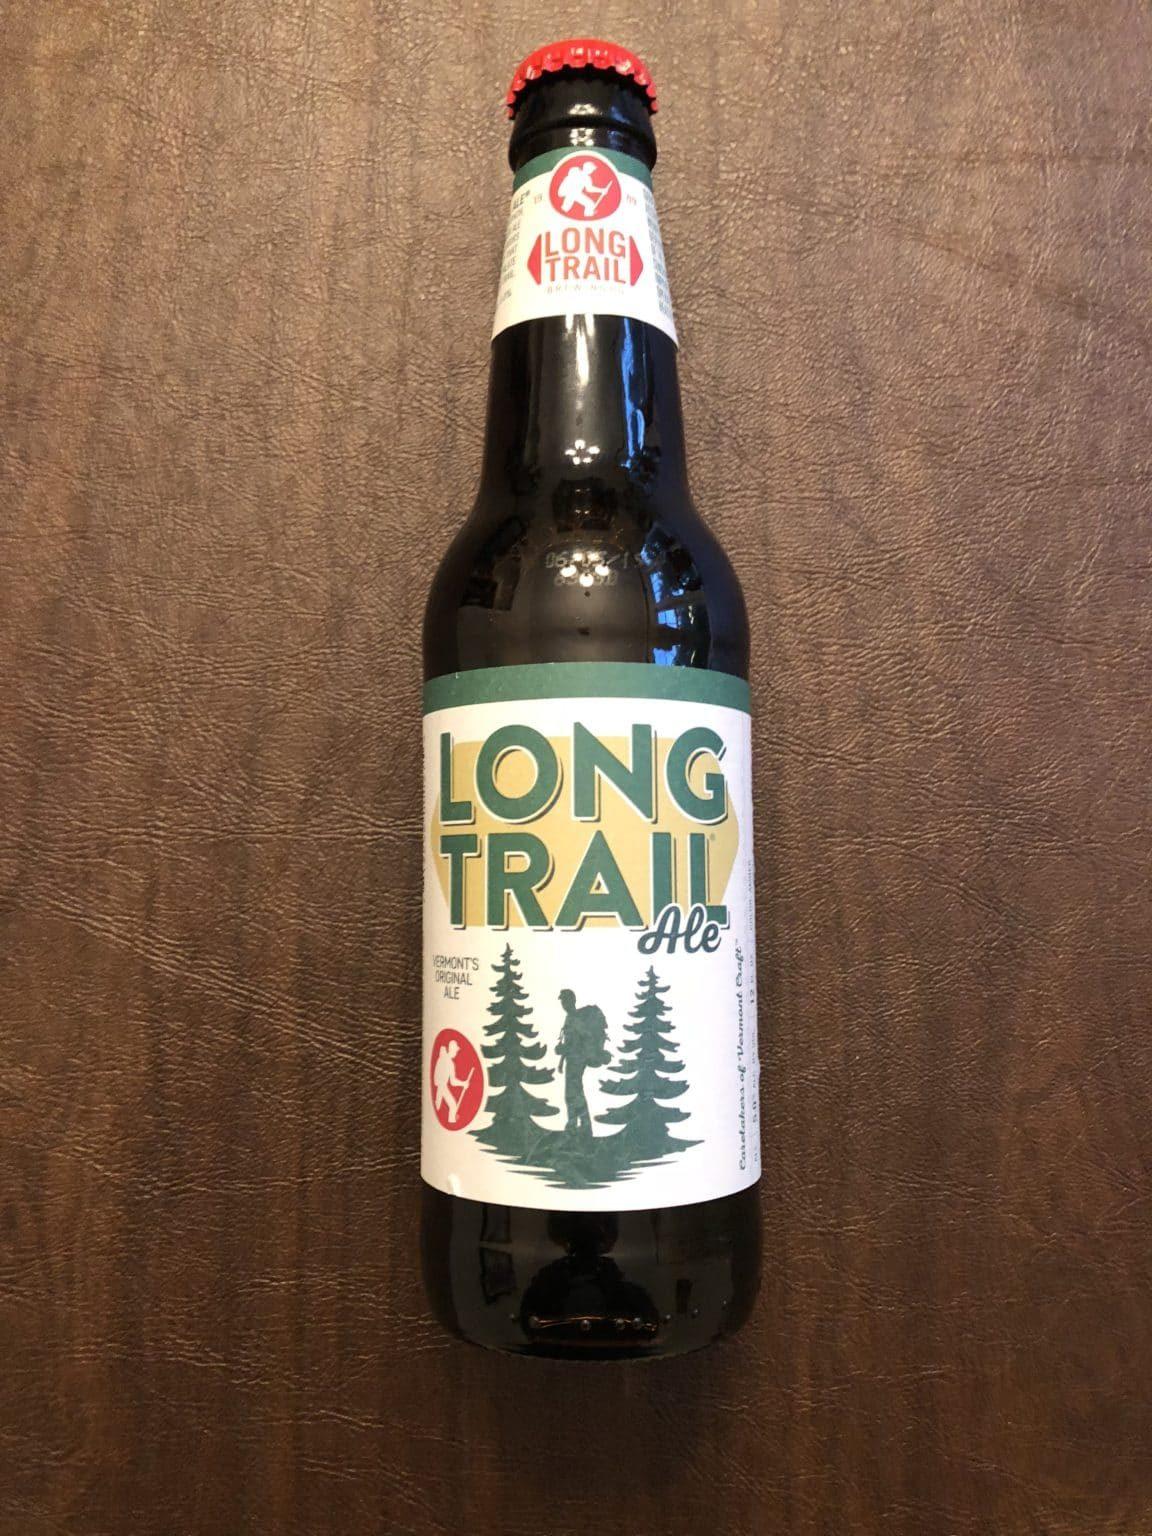 Long-Trail-Ale